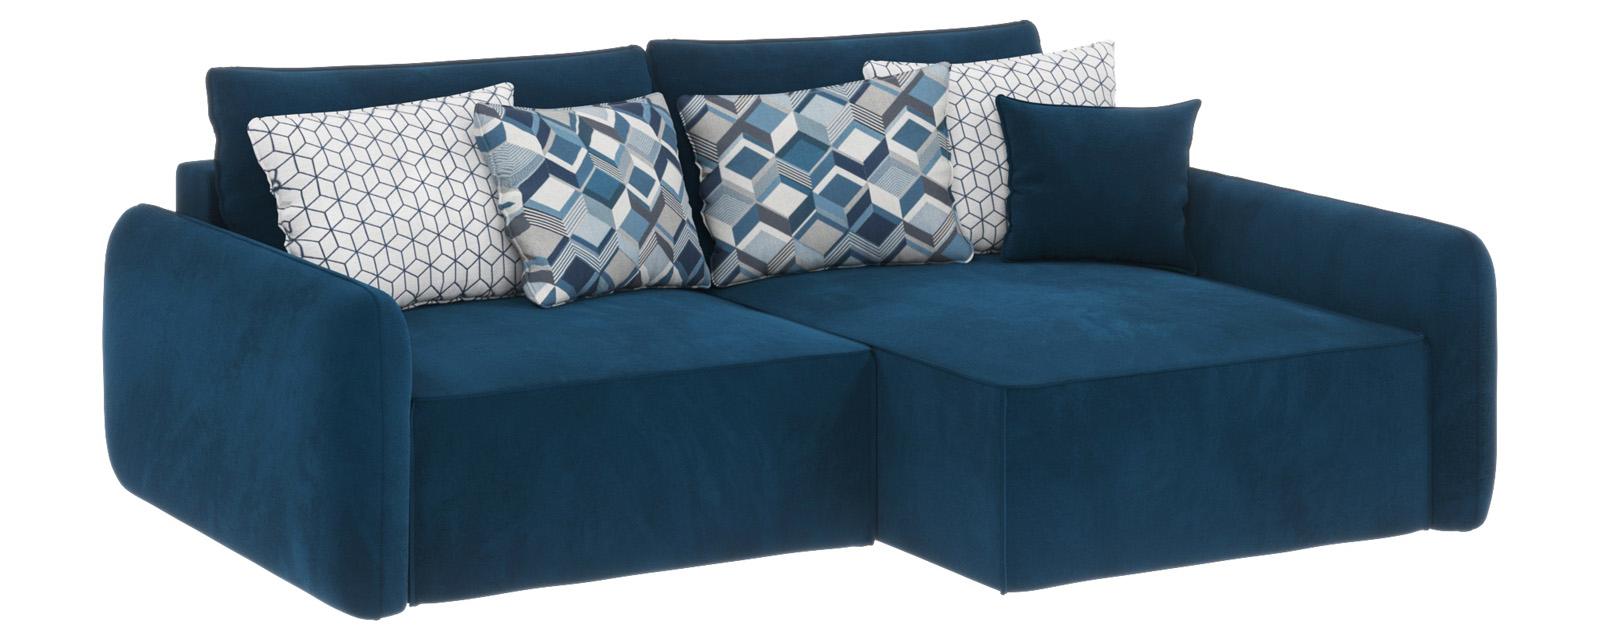 Купить Модульный диван Портленд вариант №4 Premier светло-синий (Микровелюр, правый), HomeMe, Светло-синий